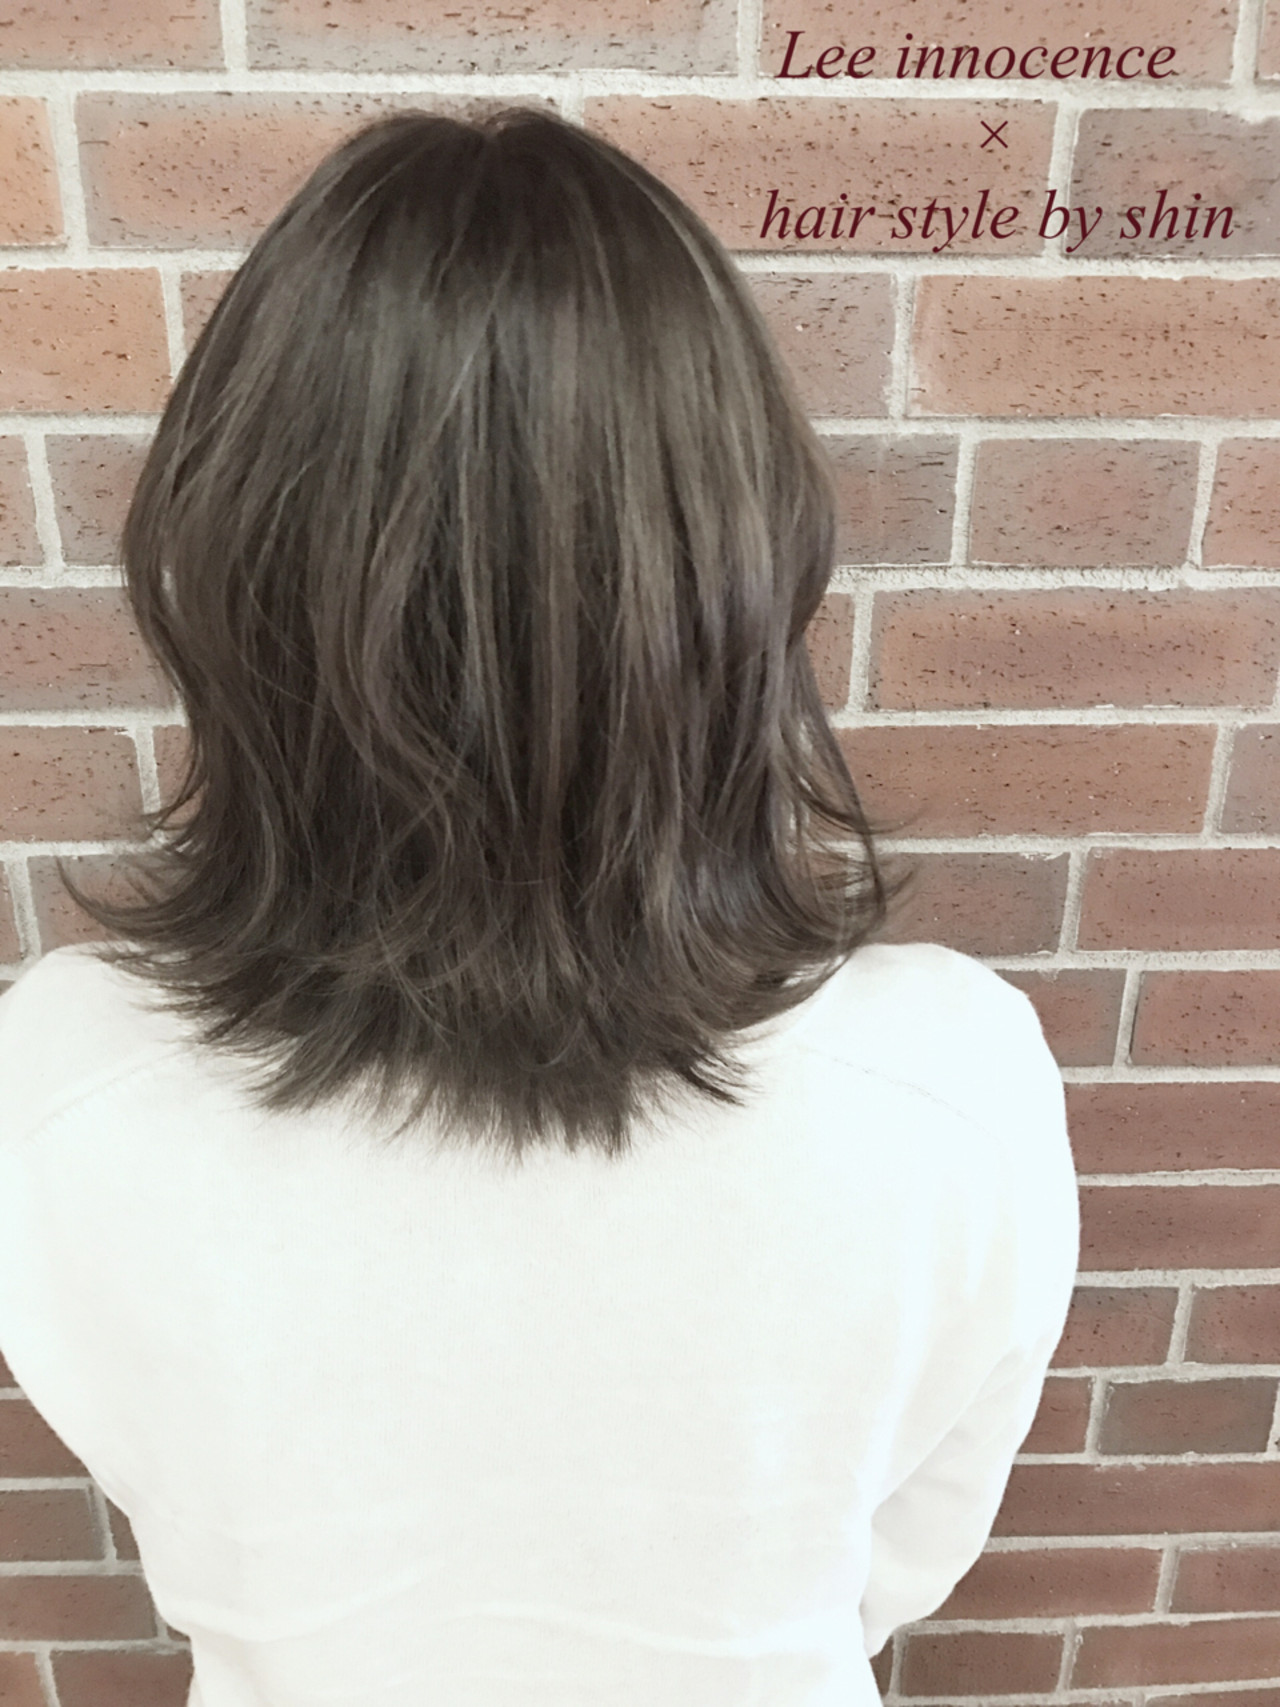 色気 ミルクティー ナチュラル ハイライト ヘアスタイルや髪型の写真・画像 | Lee innocence 宮本伸一(shin) / Lee innocence 西宮北口店